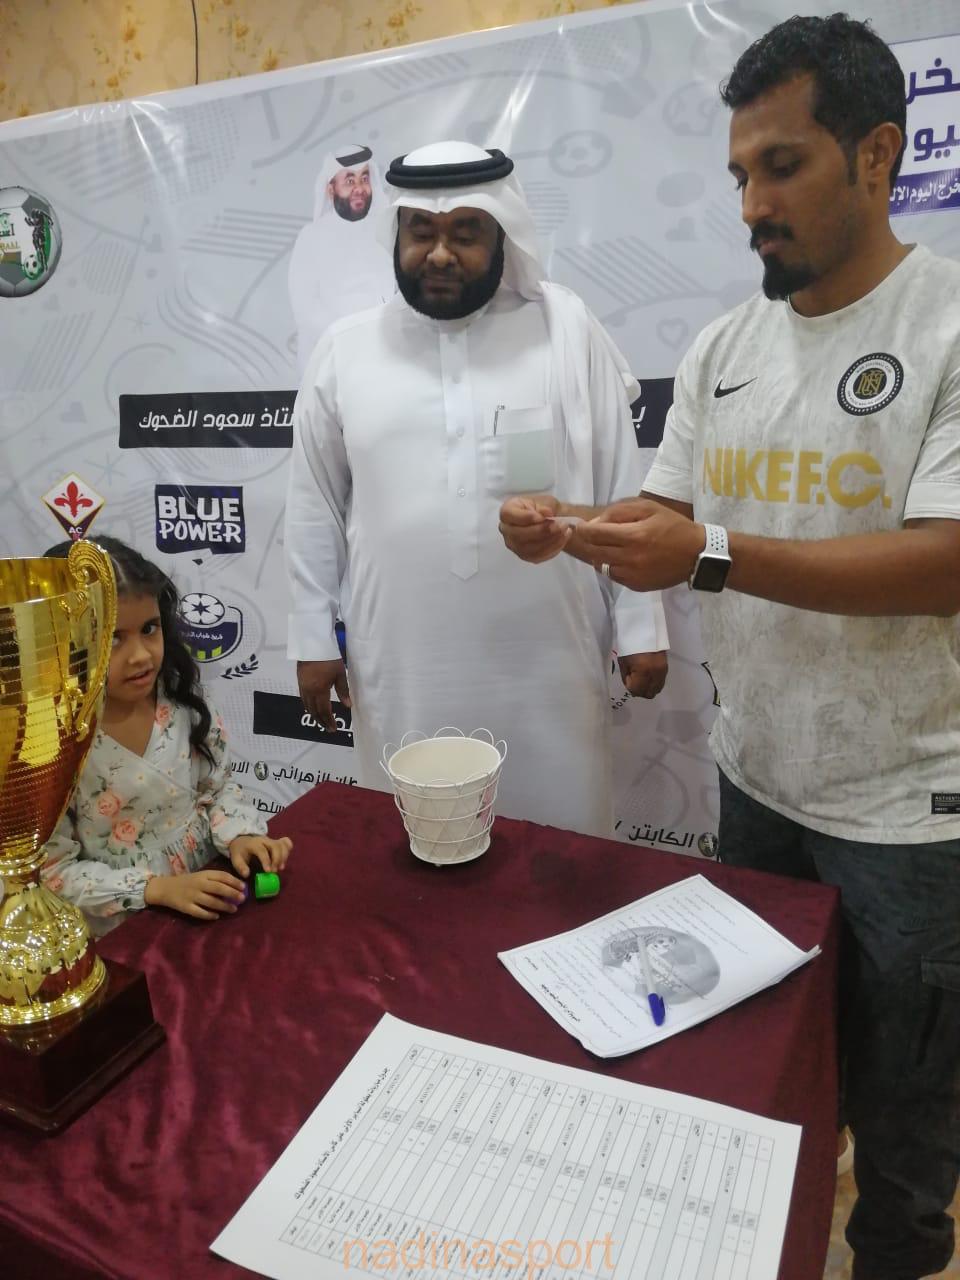 الليلة انطلاق بطولة اسباير على كأس الاعلامي سعود الضحوك